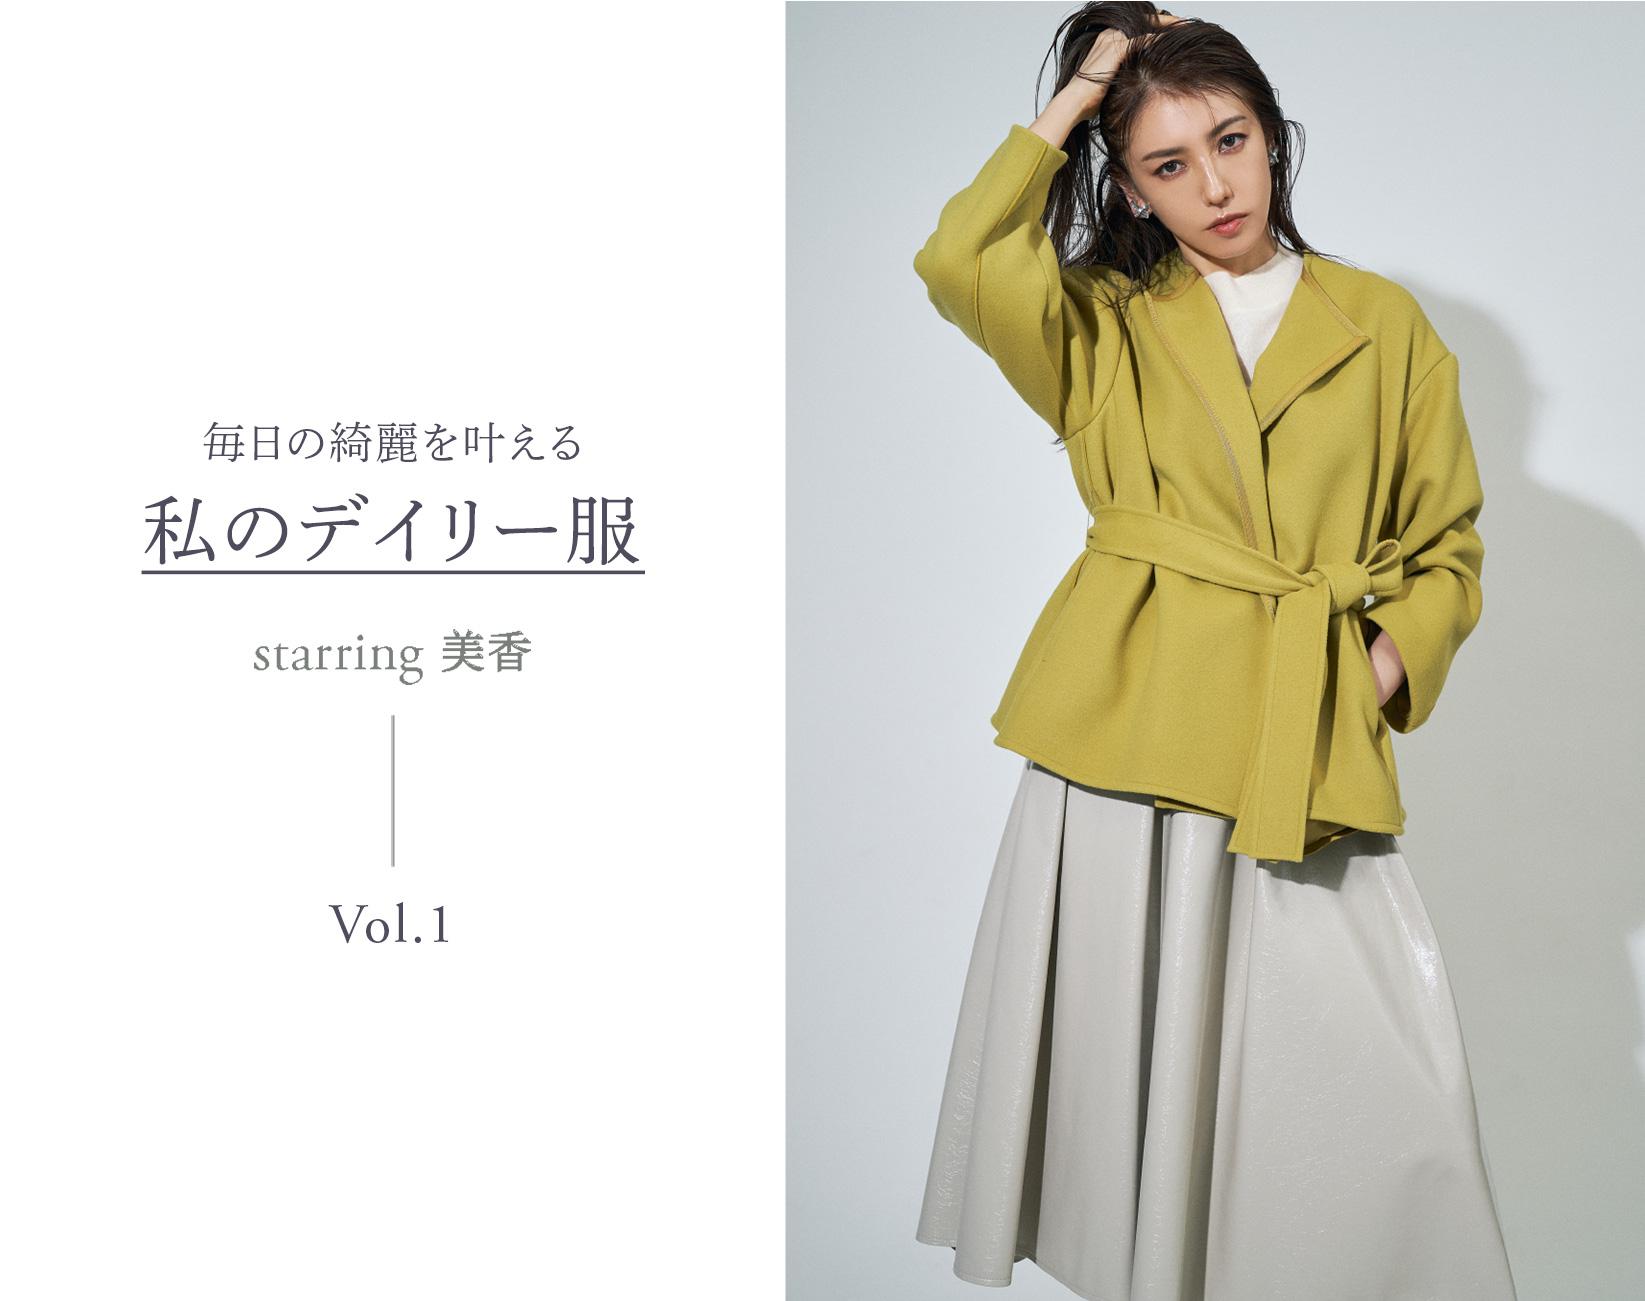 毎日の綺麗を叶える 私のデイリー服 starring 美香 Vol.1